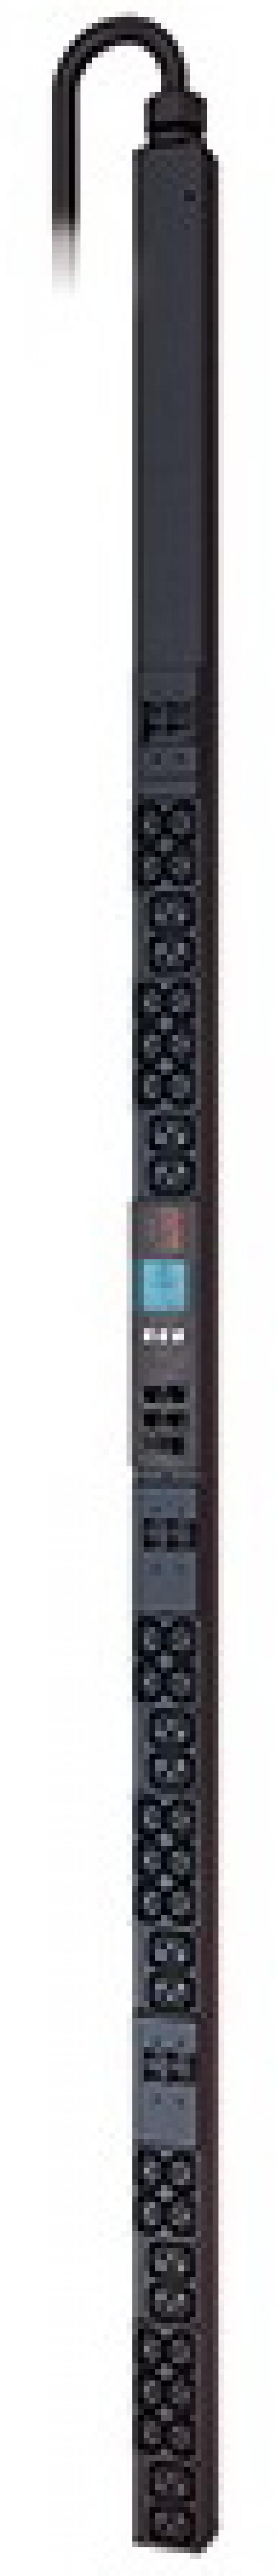 все цены на Блок распределения питания APC Rack PDU 2G Metered, ZeroU 22.0kW3 2A 230V 30 C13 & 12 C19